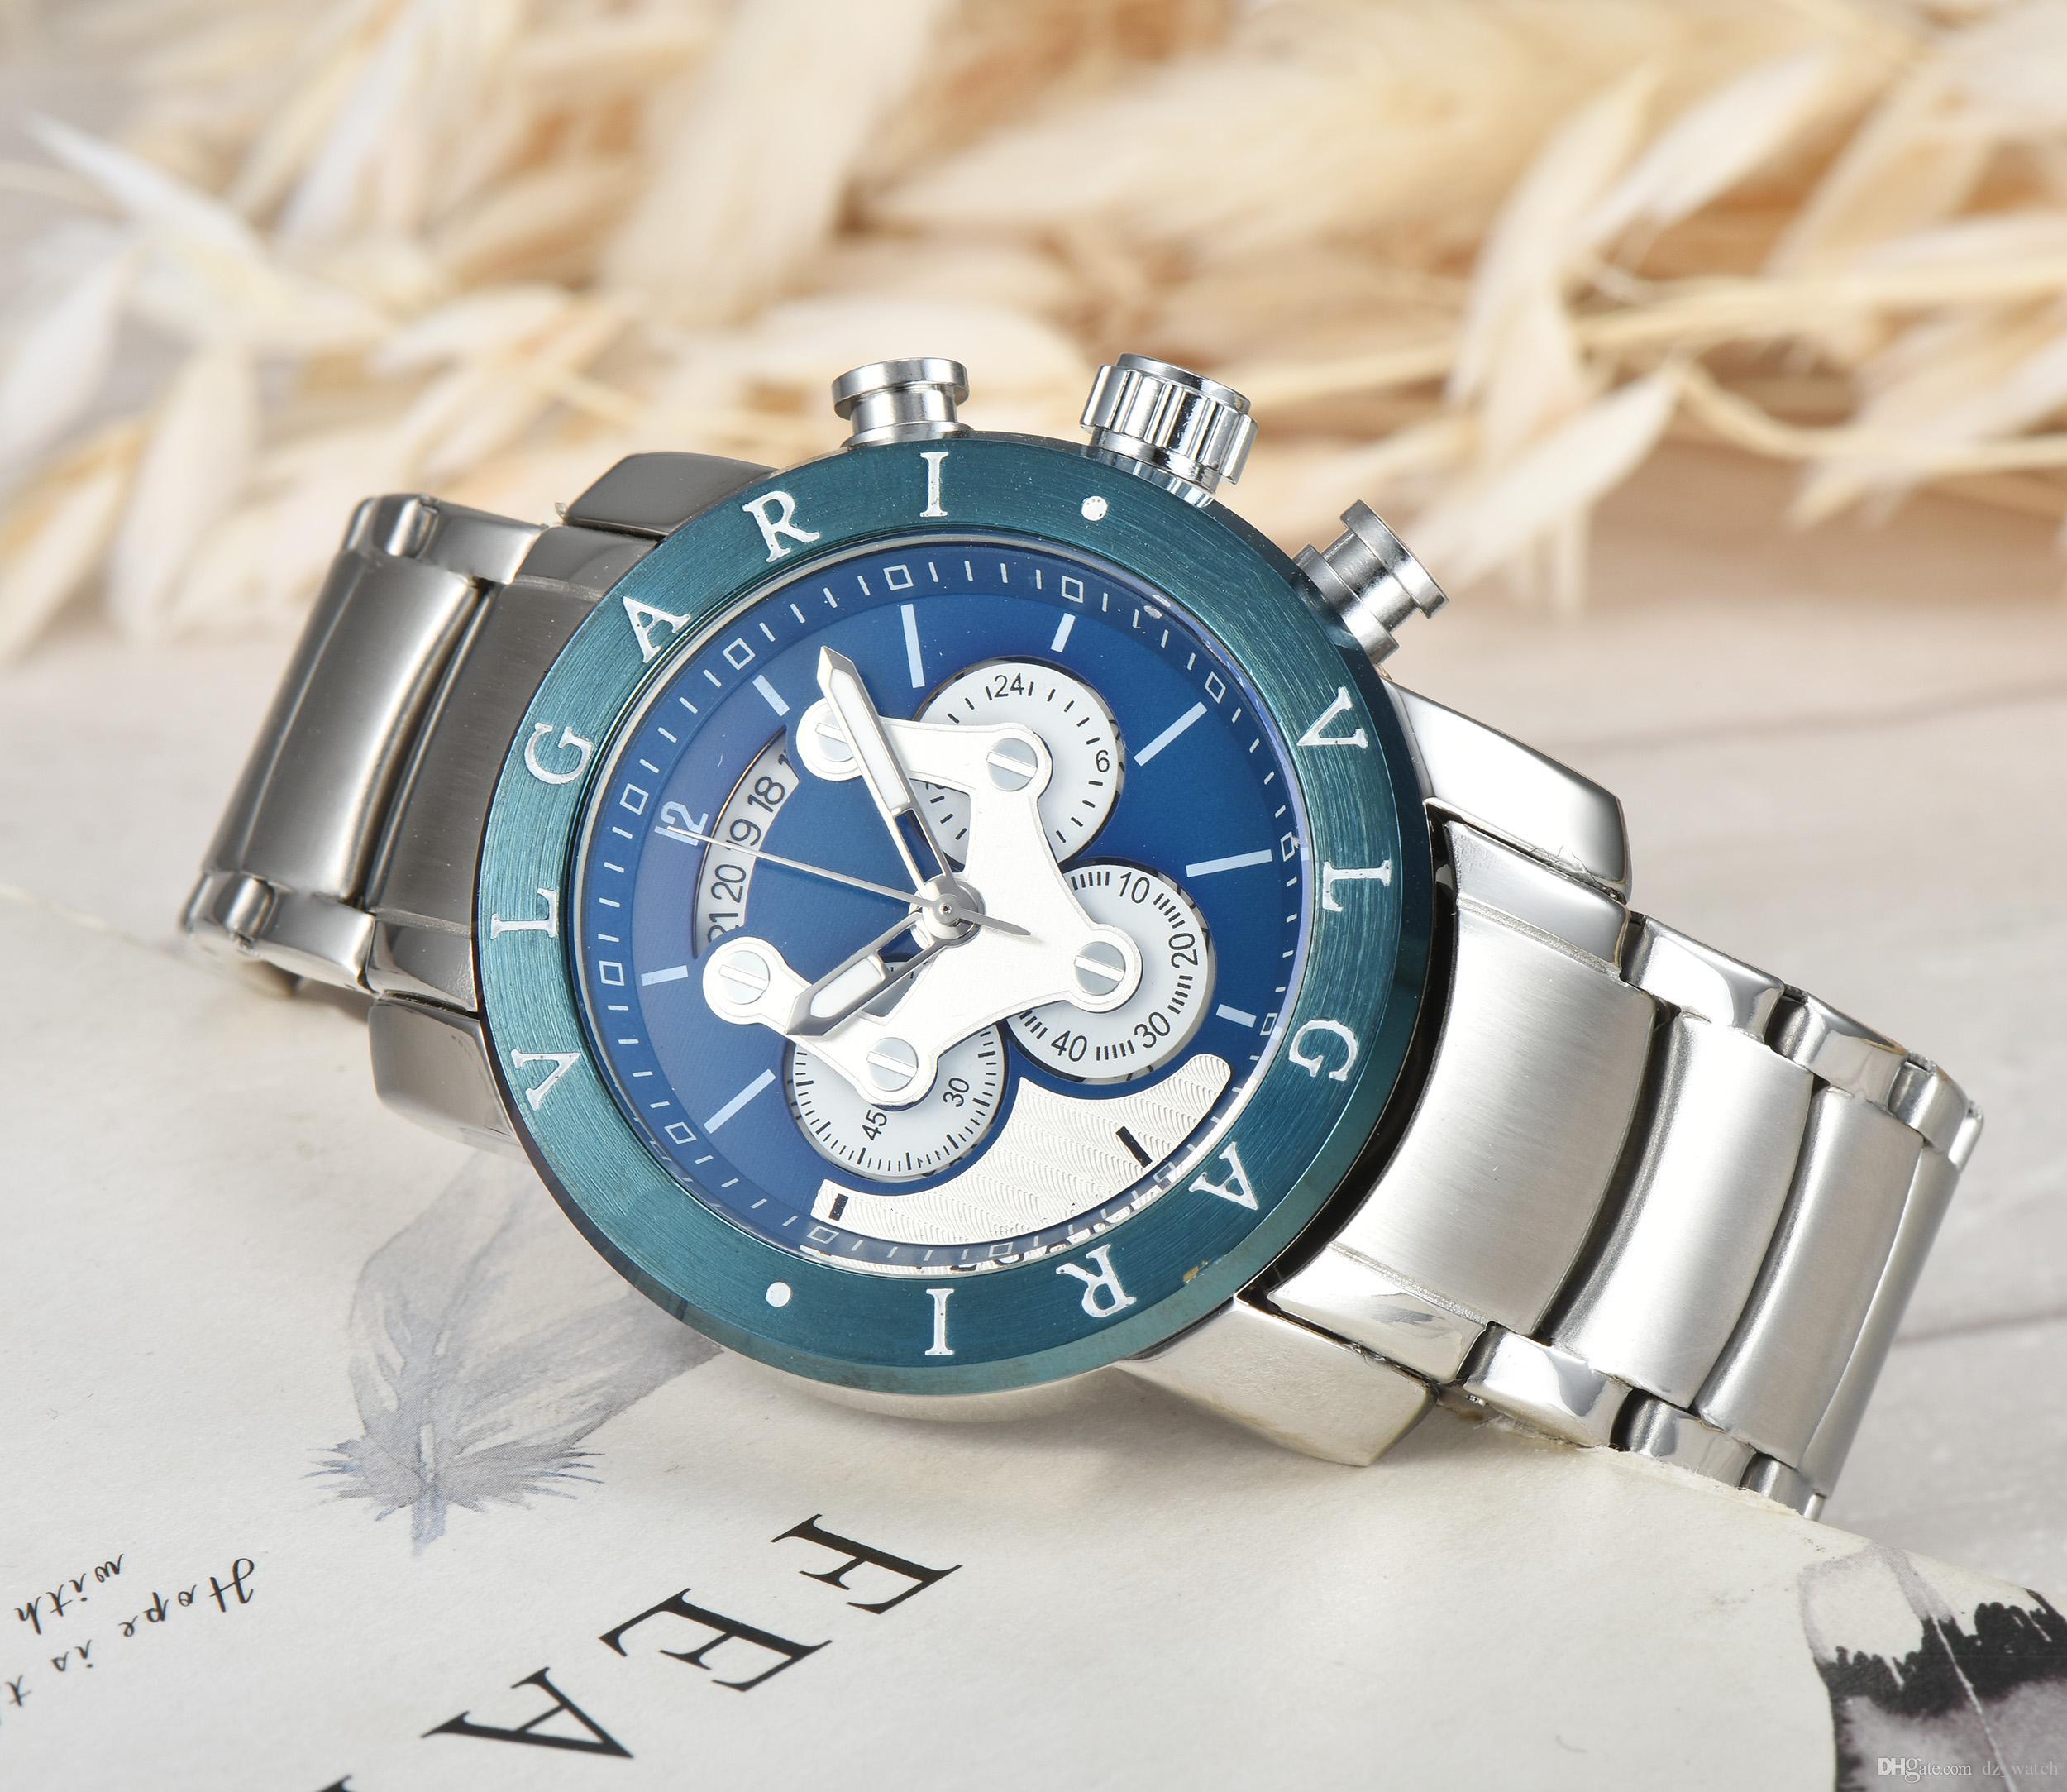 Relogio Masculino Neuer Sport Chronograph Herren-Uhren Top-Marke Luxus voller Stahl Quarzuhr wasserdicht großes Zifferblatt Uhr-Männer